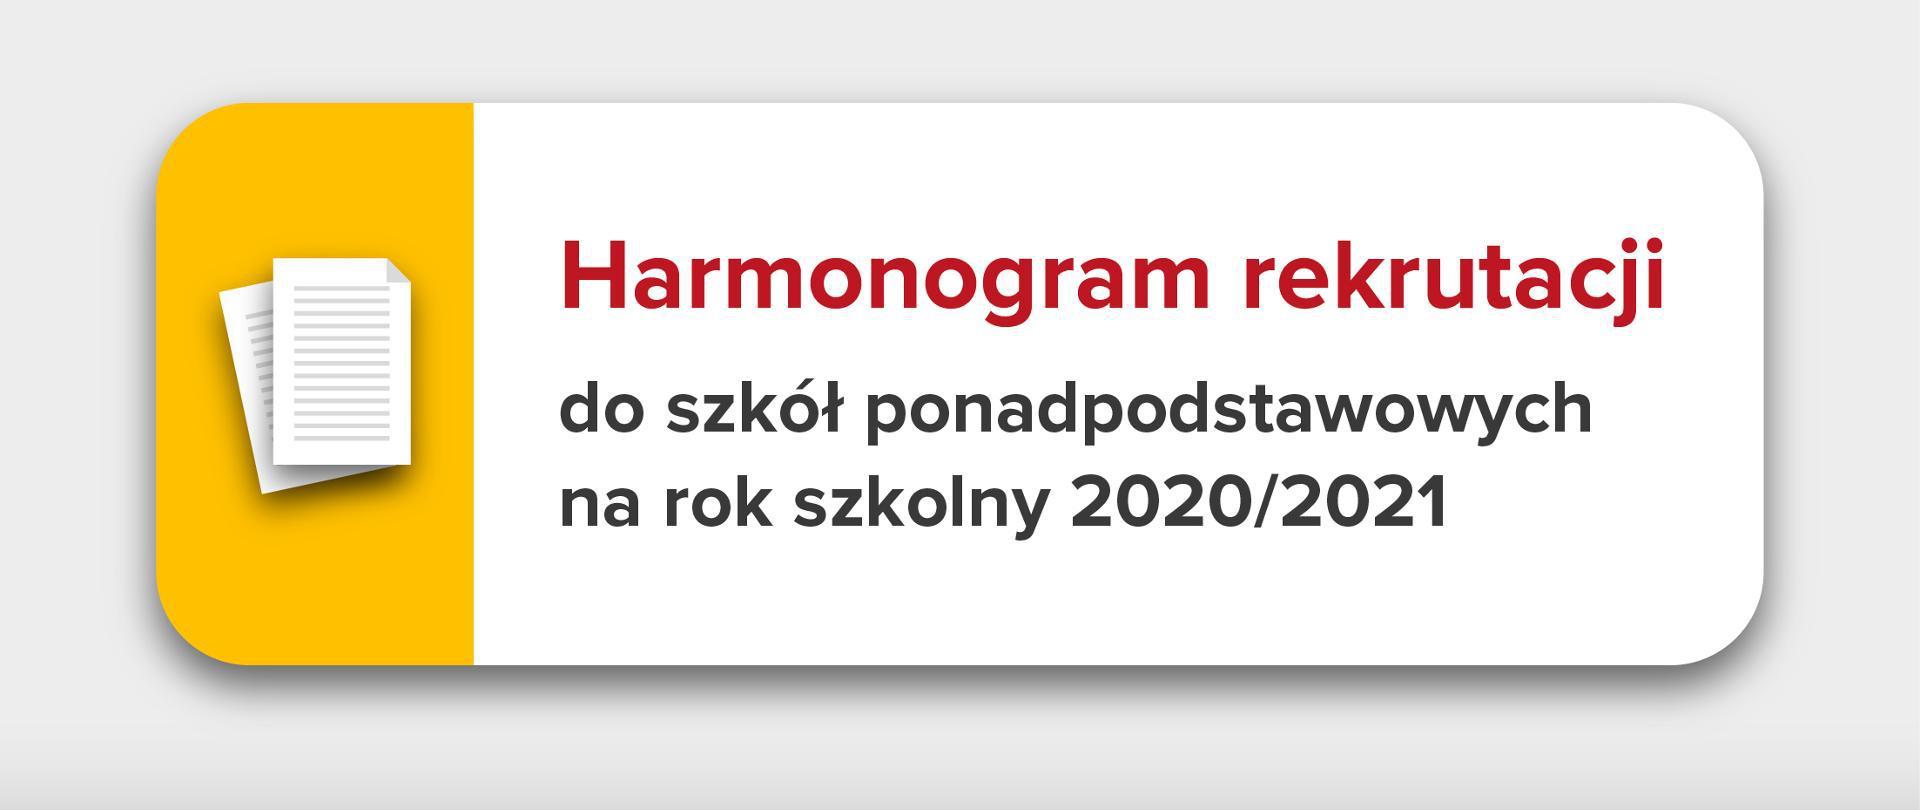 Harmonogram rekrutacji do szkół ponadpodstawowych.